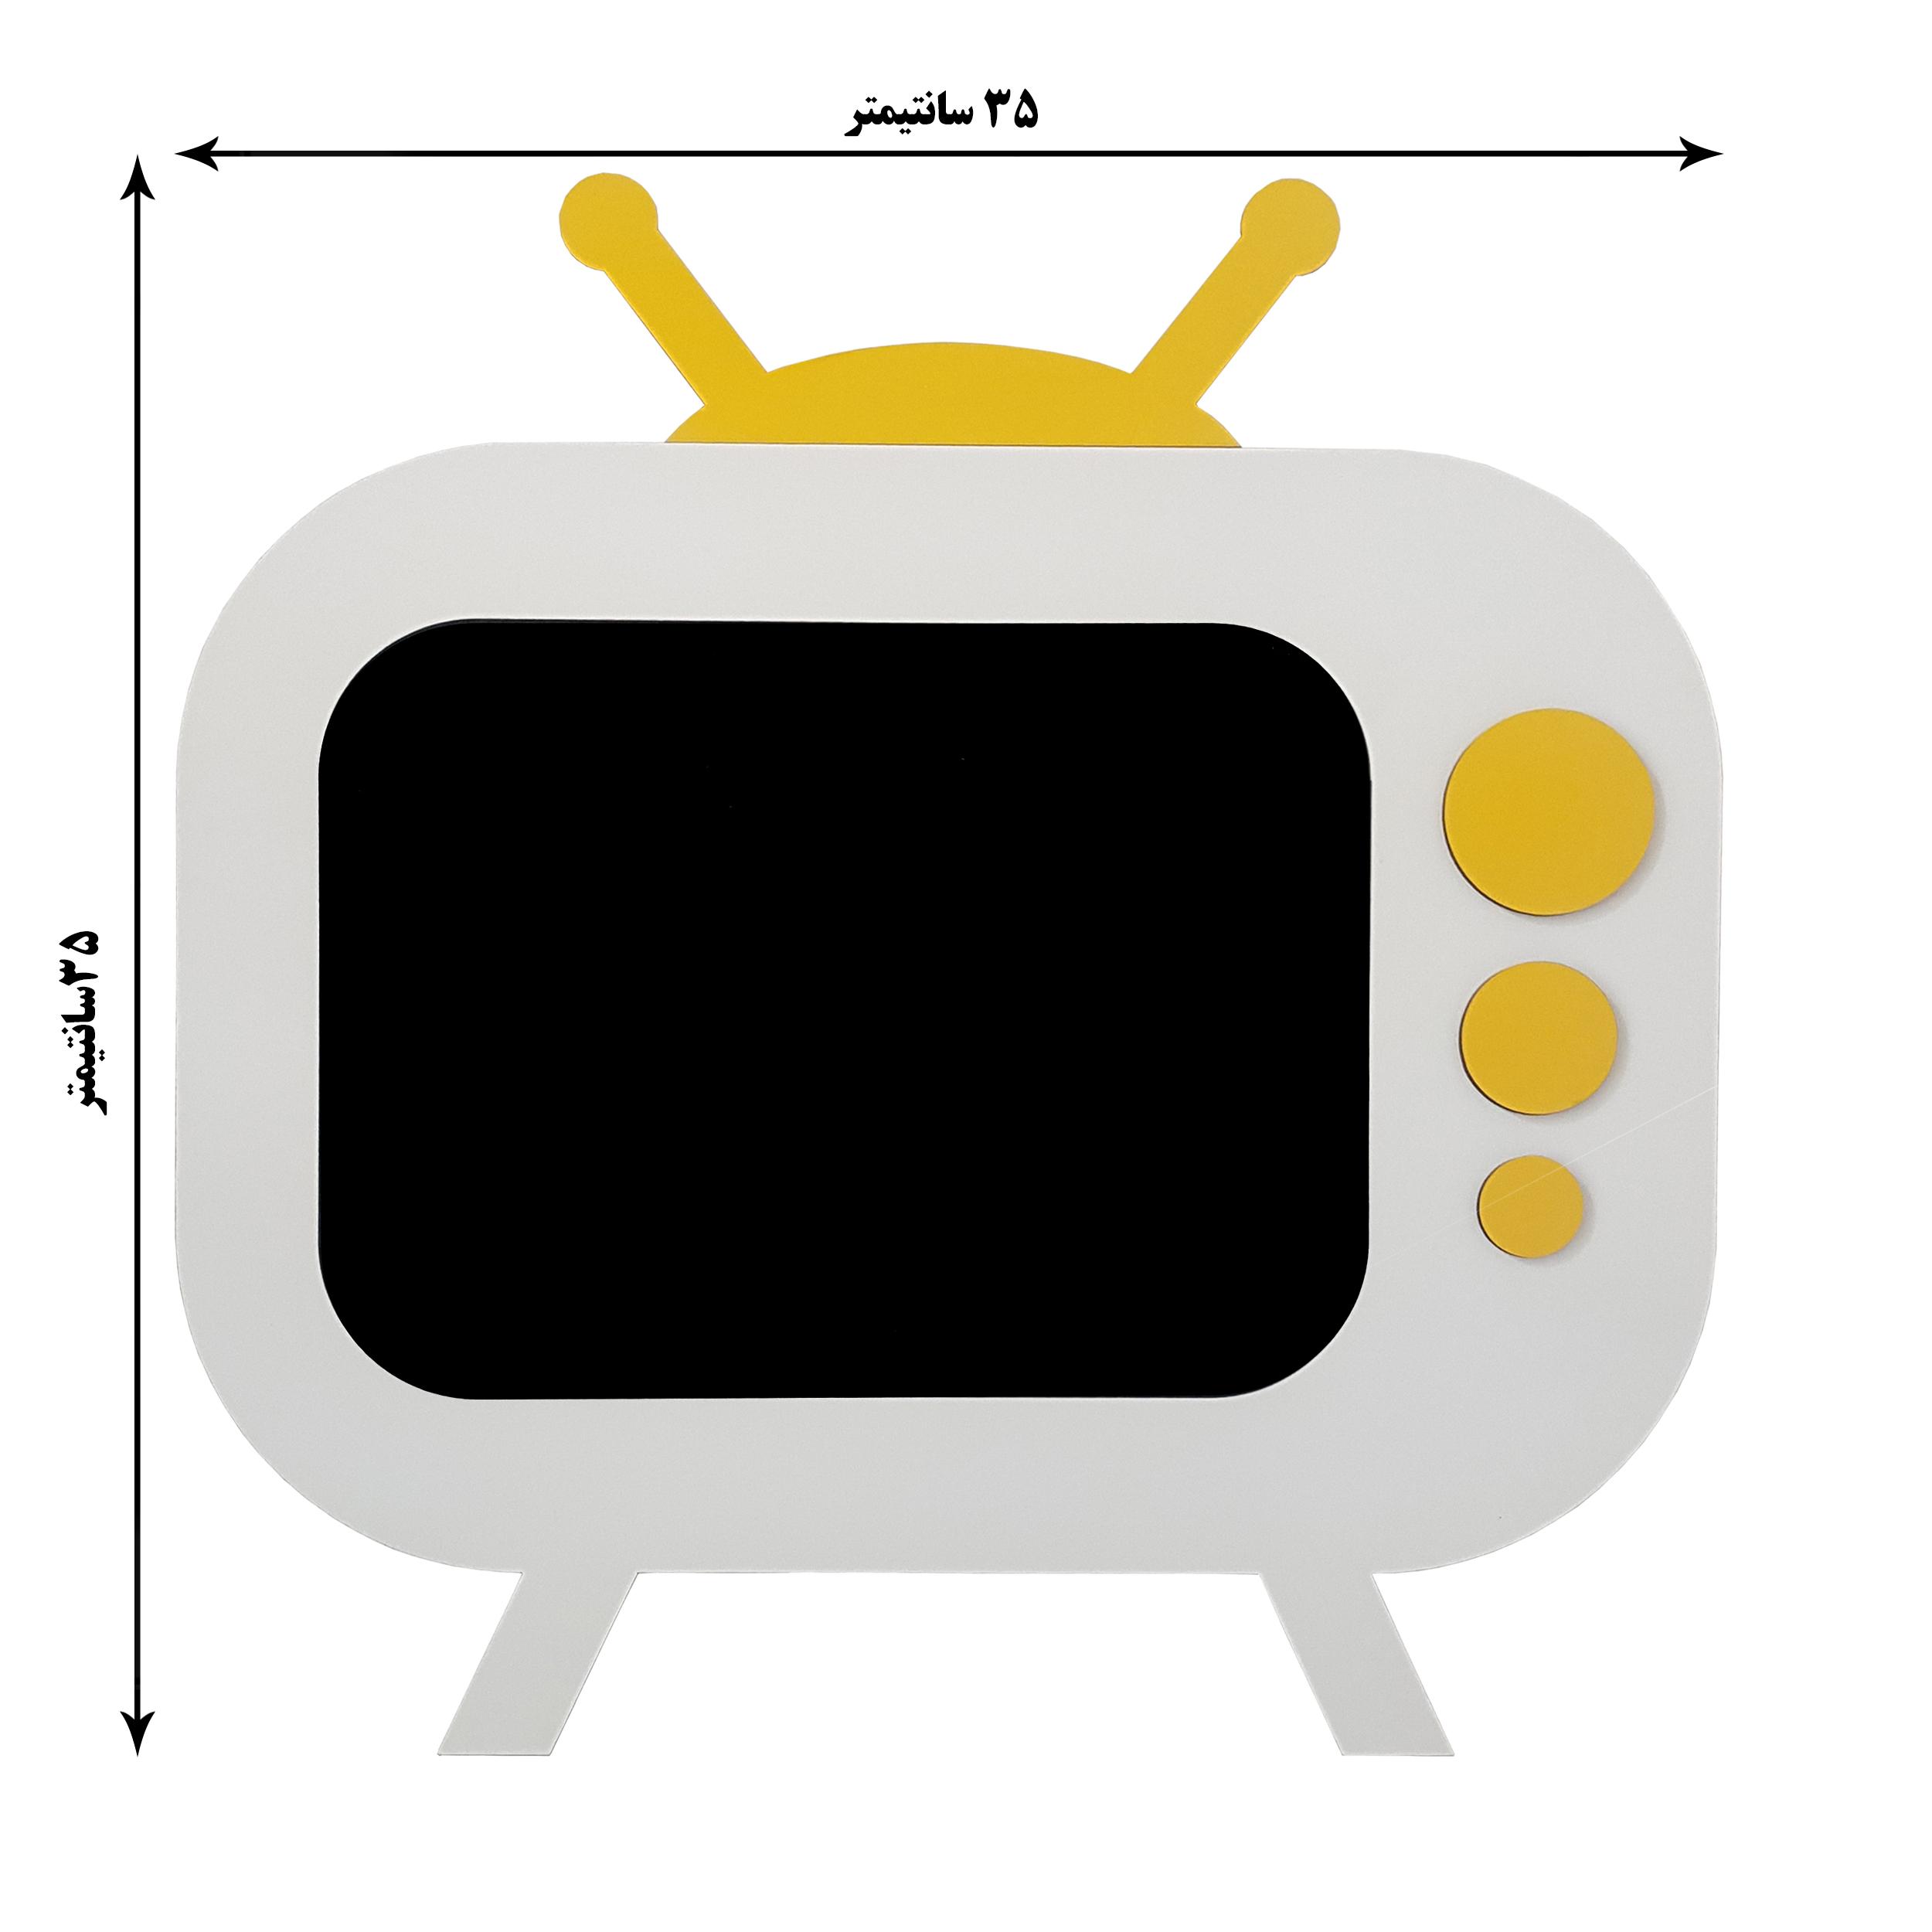 تخته سیاه مدل TV2 سایز ۳۵×۳۵ سانتی متر